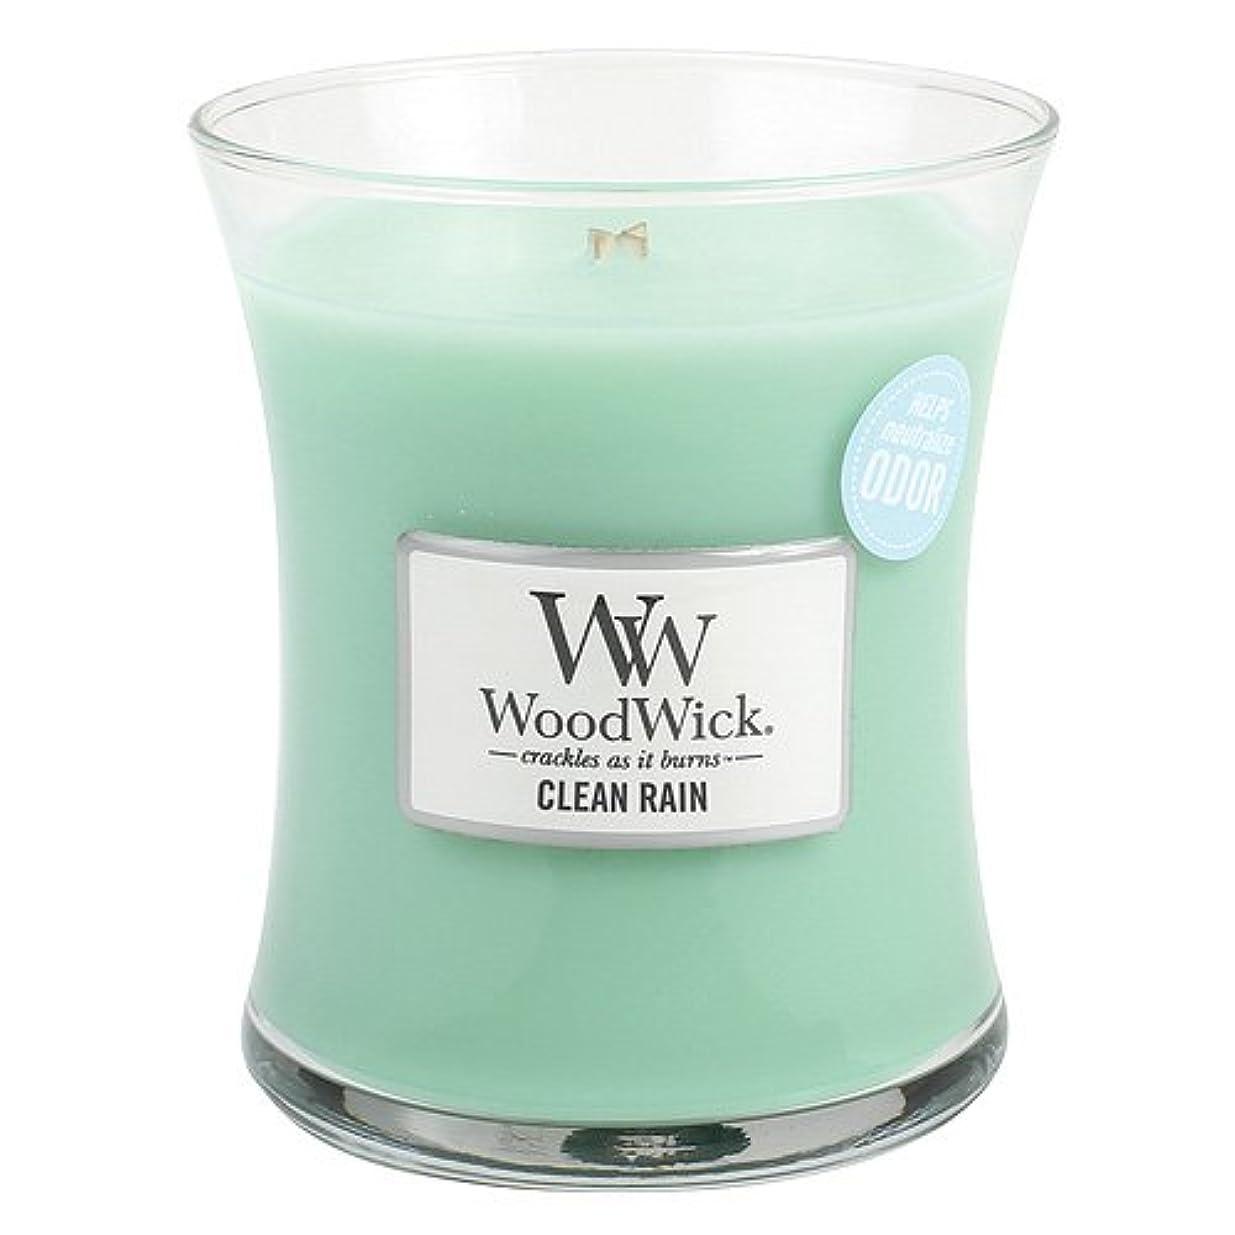 起訴する柱組み合わせクリーン雨WoodWick ODOR NEUTRALIZING 9.7オンス香りつきJar Candle